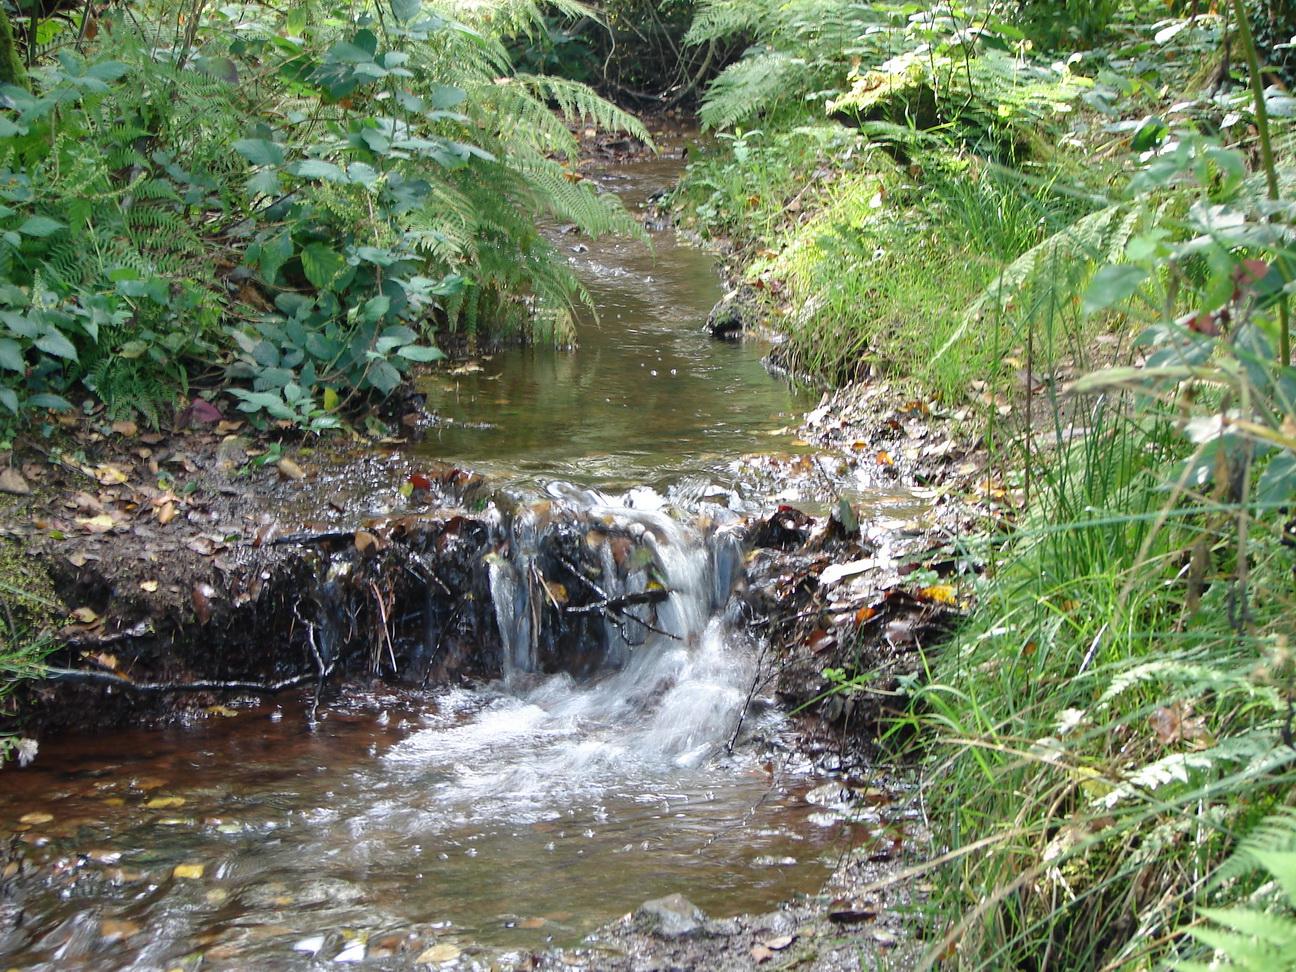 La foret est vaste et un petit ruisseau bien etrange, car l eau a la ...